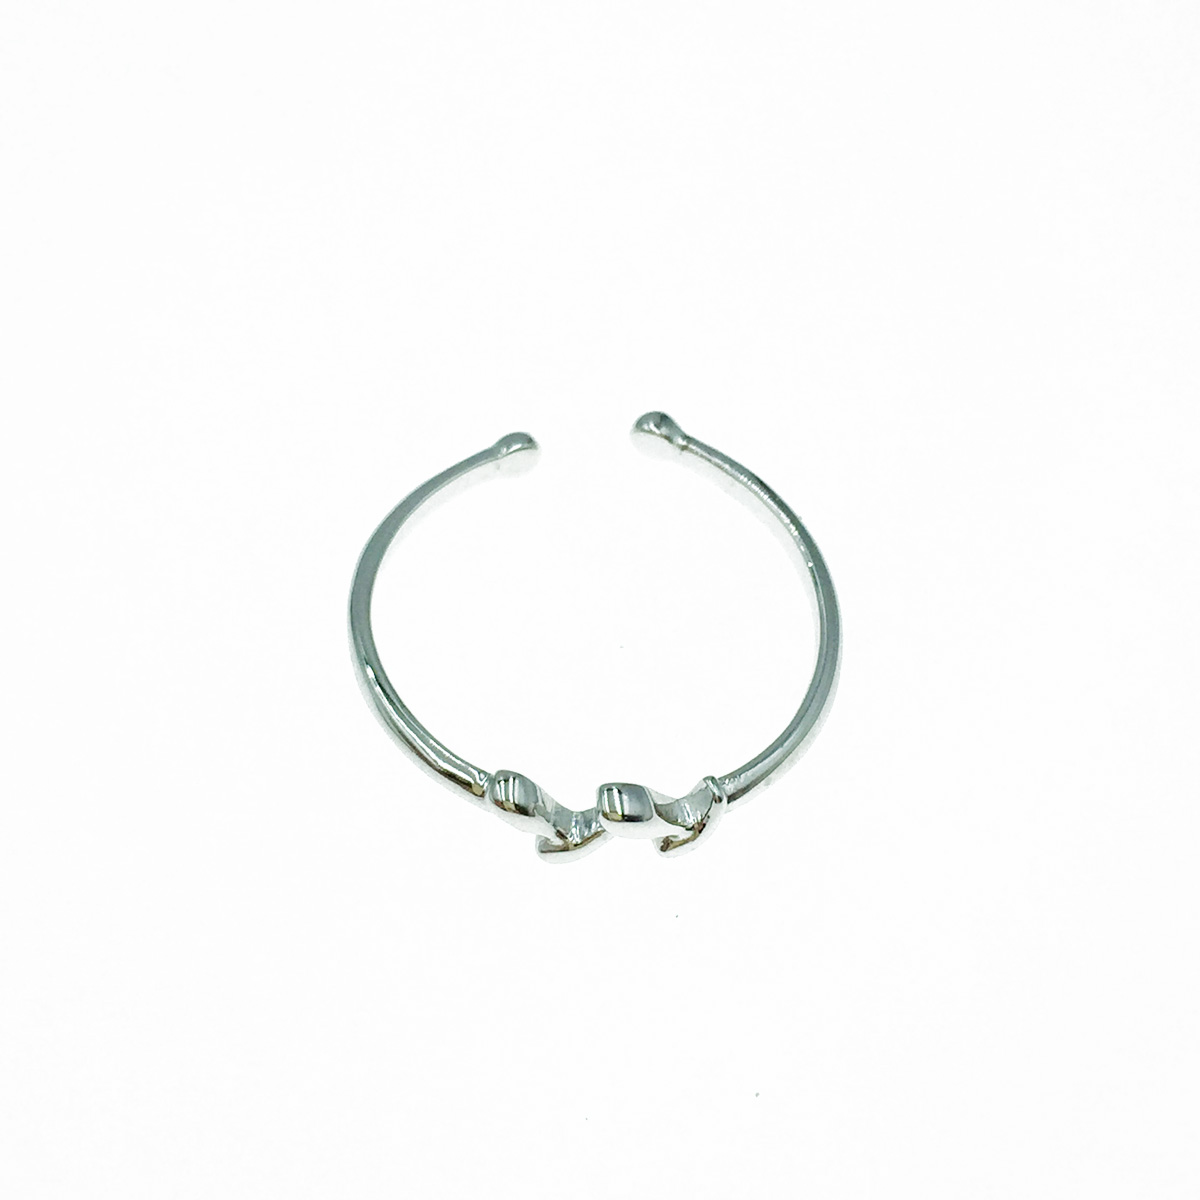 韓國 925純銀 簡約 小清新 可調式 戒指